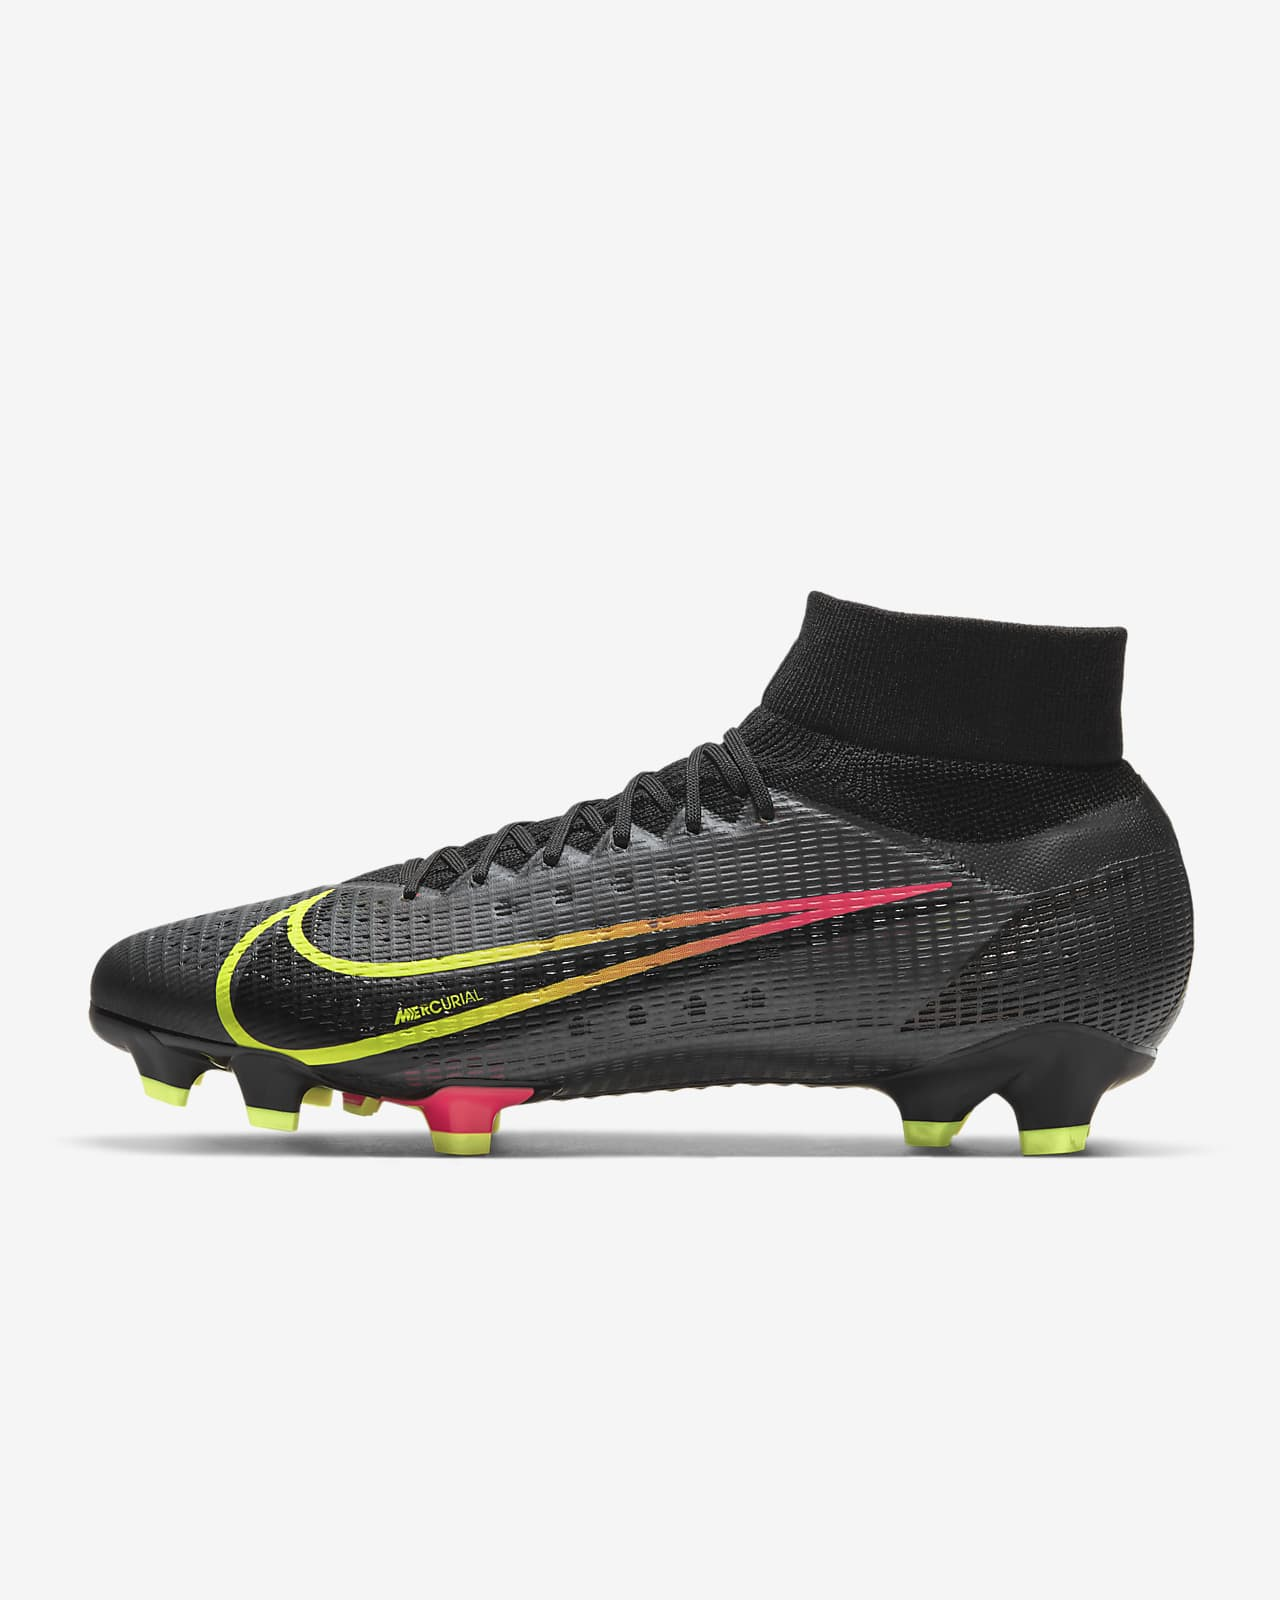 Nike Mercurial Superfly 8 Pro FG-fodboldstøvle til græs